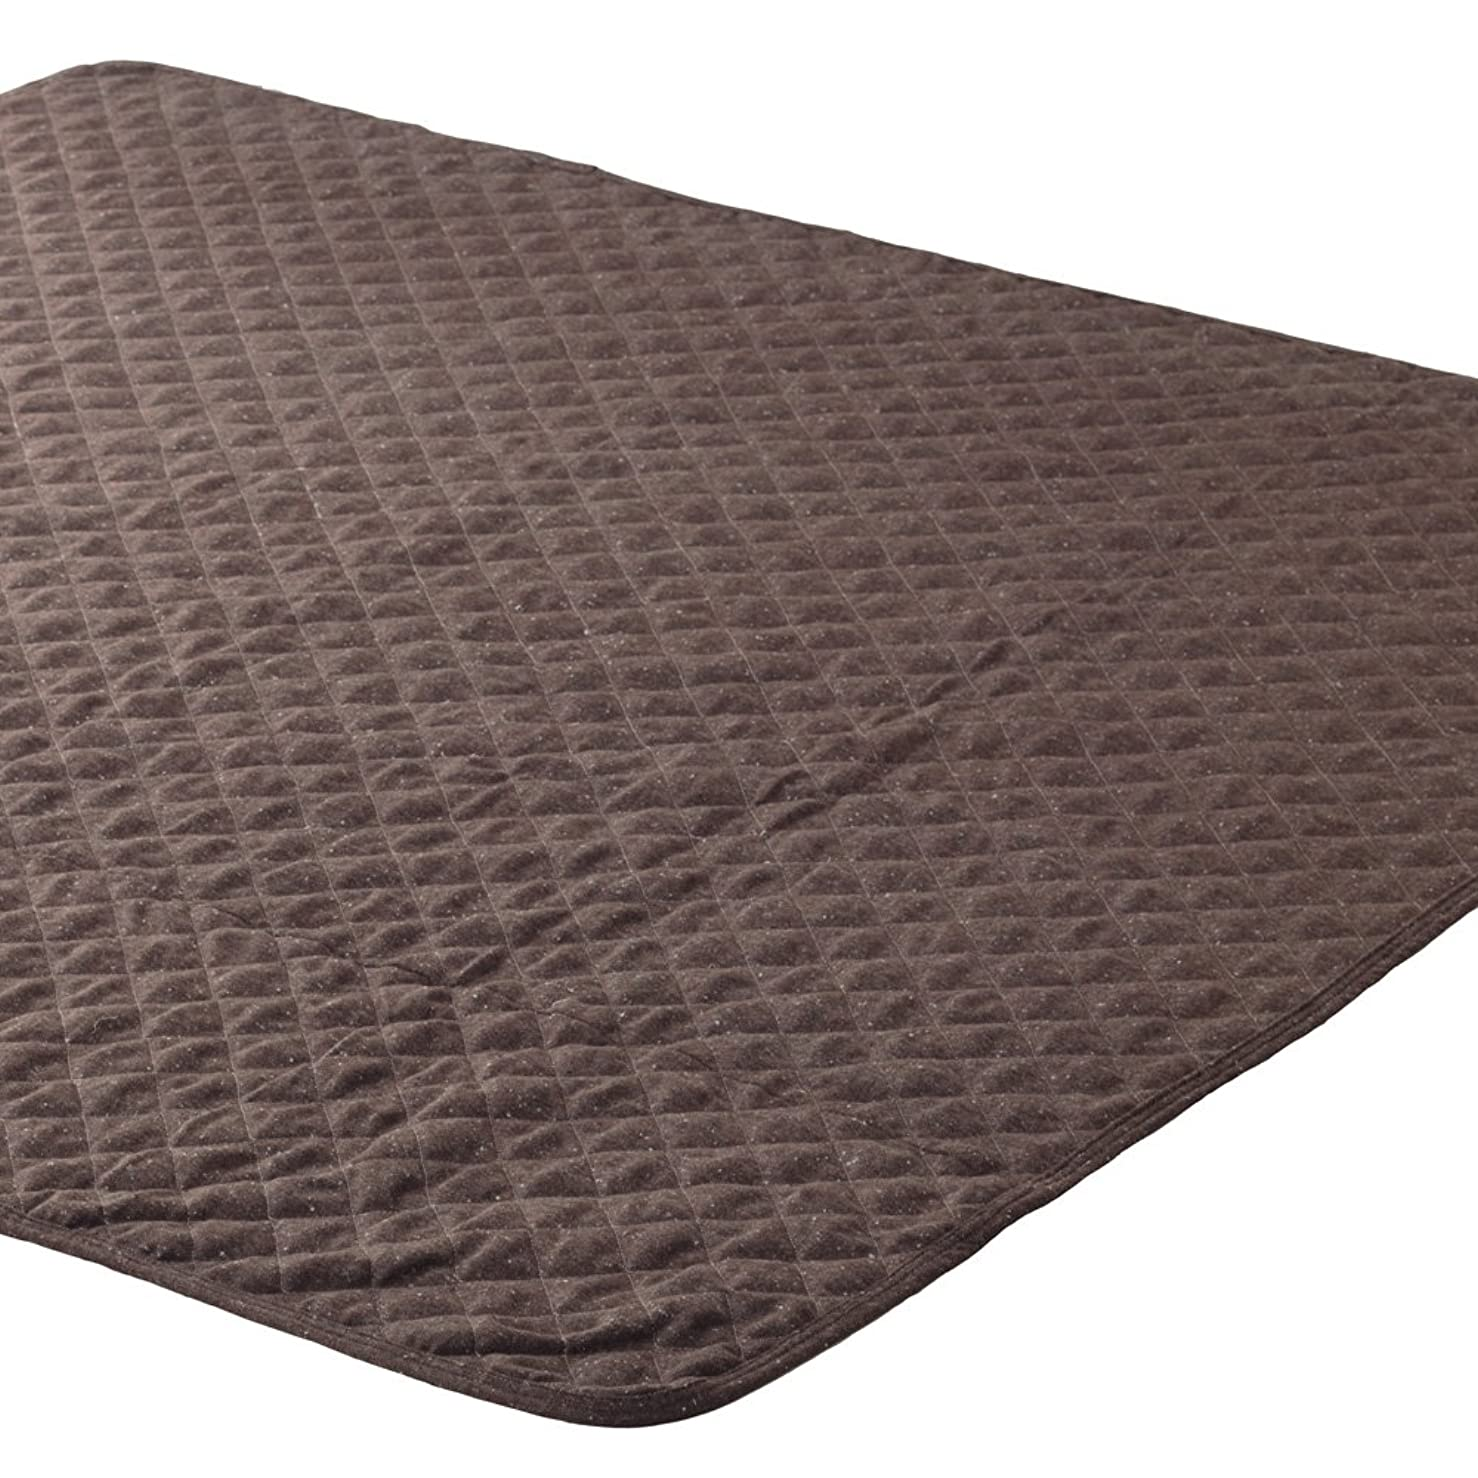 オセアニア症候群未接続マルチカバー ネップツイード 正方形 190x190cm ブラウン